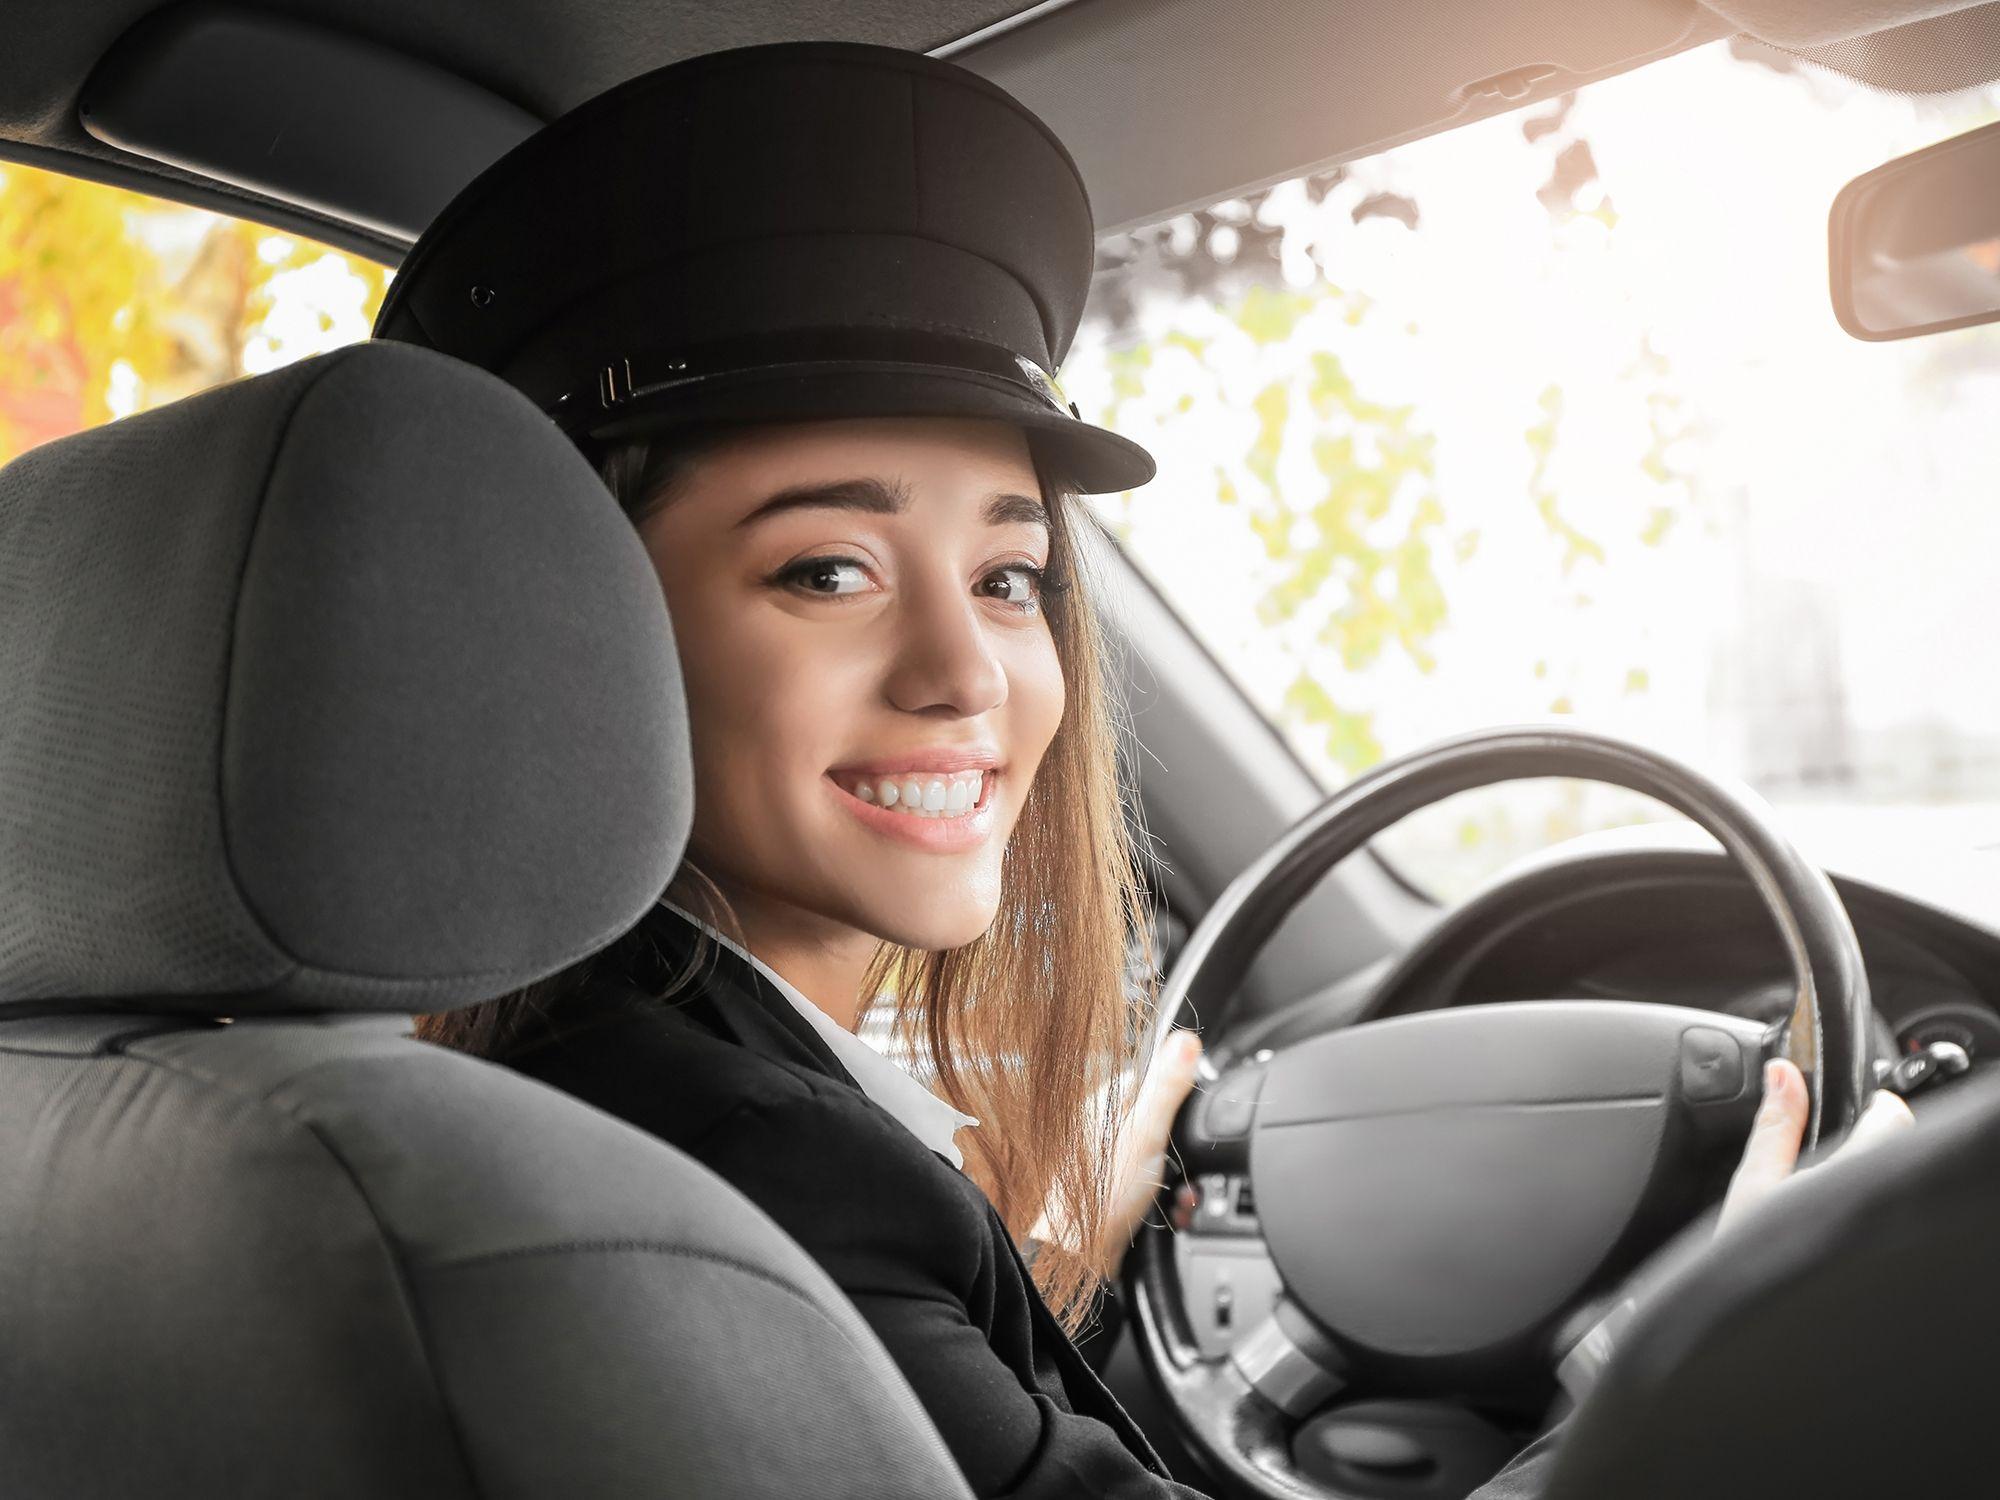 Level 2 - Chauffeure, VIP Cheuffeure, Driver, Fahrer, Leiharbeiter, Zeitarbeiter, Leiharbeitnehmer, Leihkraft, Temporärarbeiter für Chauffeur Service, Limousinenservice, Chauffeurservice, Events, Messen, Veranstaltungen, Hochzeiten, Festen und Kongressen bei uns als Chauffeurdienstagentur, Fahrer Agentur, Chauffeurdienst Agentur, Personalagentur, Zeitarbeitsfirma, Zeitarbeitsunternehmen, Personal-Service-Agentur, Personaldienstleistungsagentur und Leiharbeitsfirma per Arbeitnehmer-Leasing, Arbeitnehmerüberlassung, Arbeitskräfte-Leasing, Arbeitskräfteüberlassung, Arbeitskraftüberlassung, Leiharbeit, Mitarbeiter-Leasing, Mitarbeiterleasing, Mitarbeiterüberlassung, Personaldienstleistung, Personalleasing, Personalüberlassung, Temporärarbeit, Zeitarbeit buchen, mieten, leihen oder langfristig neue Mitarbeiter für Jobs wie Fahrer Jobs, Chauffeur Jobs, Schülerjobs, Ferienjobs, Aushilfsjobs, Studentenjobs, Werkstudentenjobs, Saisonjobs, Vollzeit Jobs, Teilzeit Jobs, Nebenjobs, Temporär Jobs, Gelegenheitsjobs per Personalvermittlung suchen, finden und vermittelt bekommen.